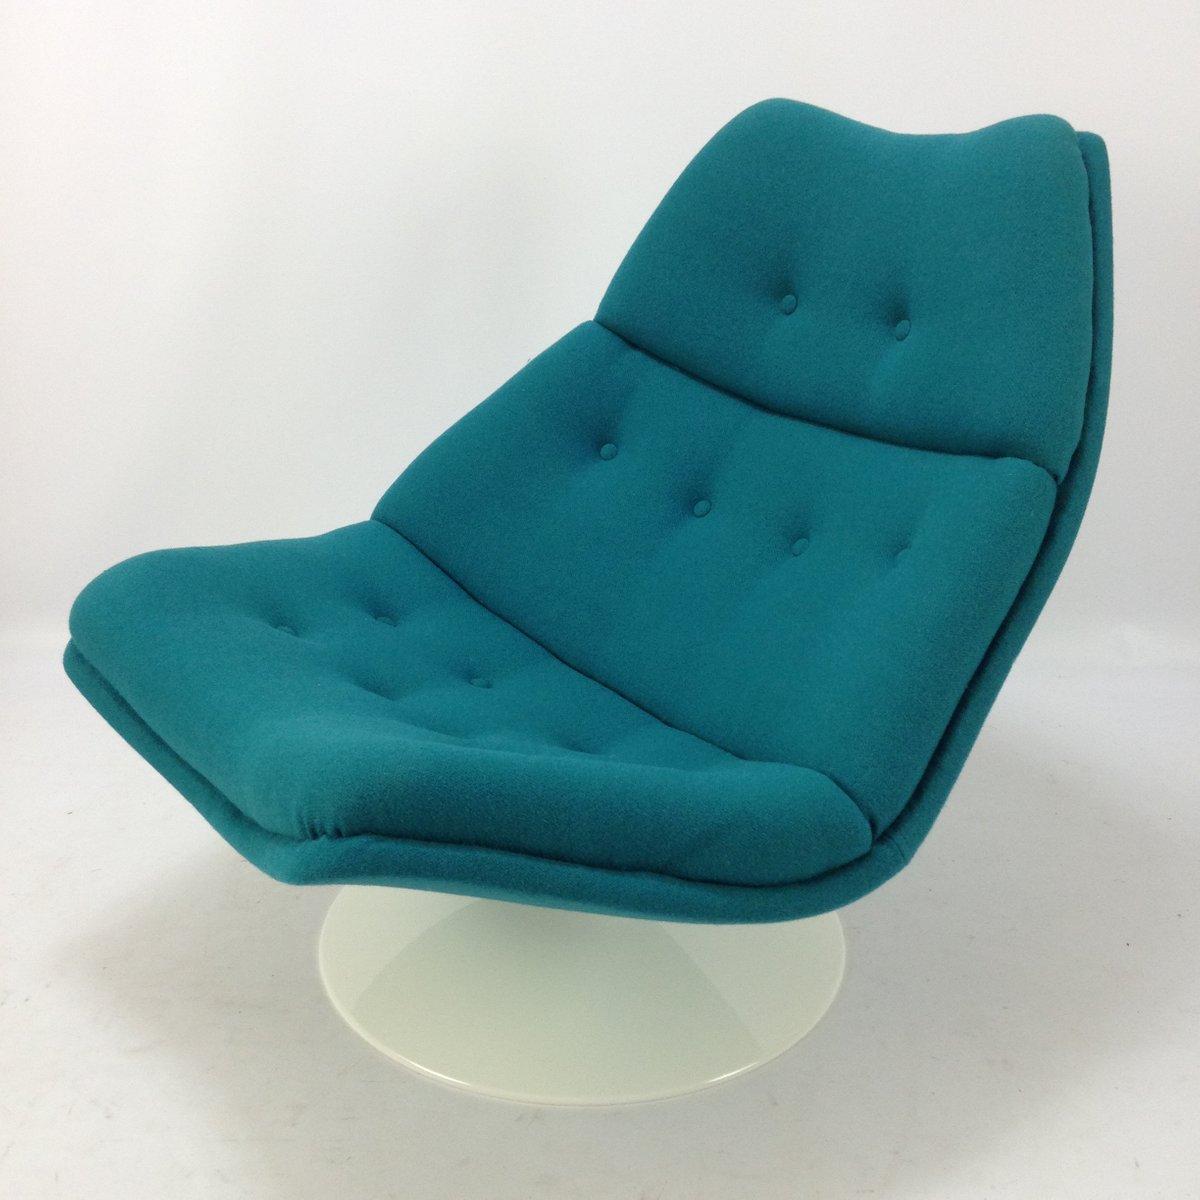 Vintage Modell F511 Sessel von Geoffrey Harcourt für Artifort, 1960er